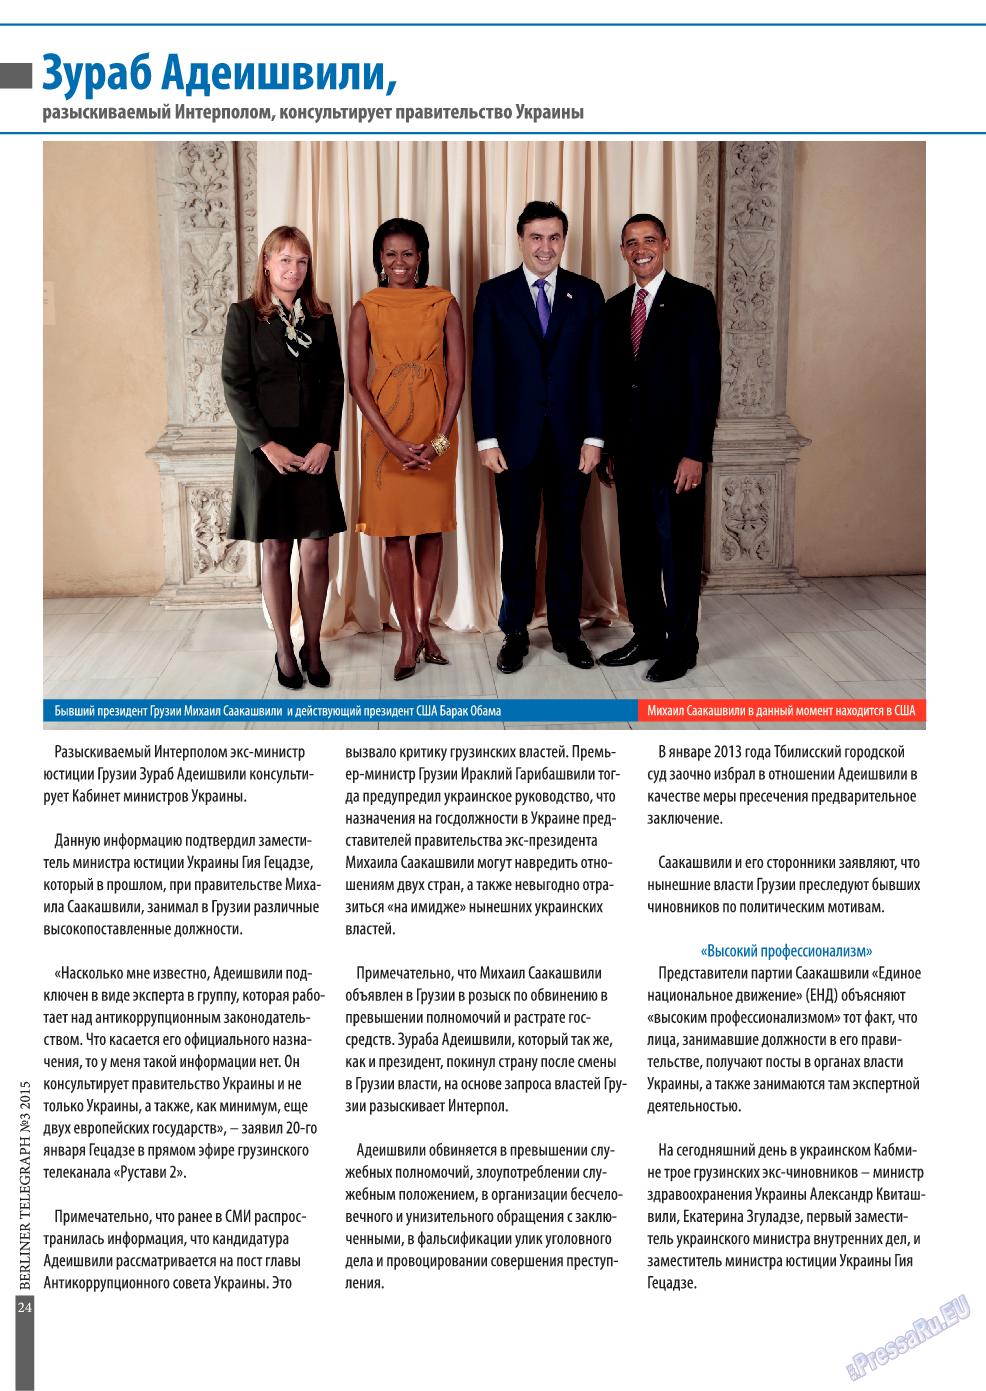 Берлинский телеграф (журнал). 2015 год, номер 3, стр. 24